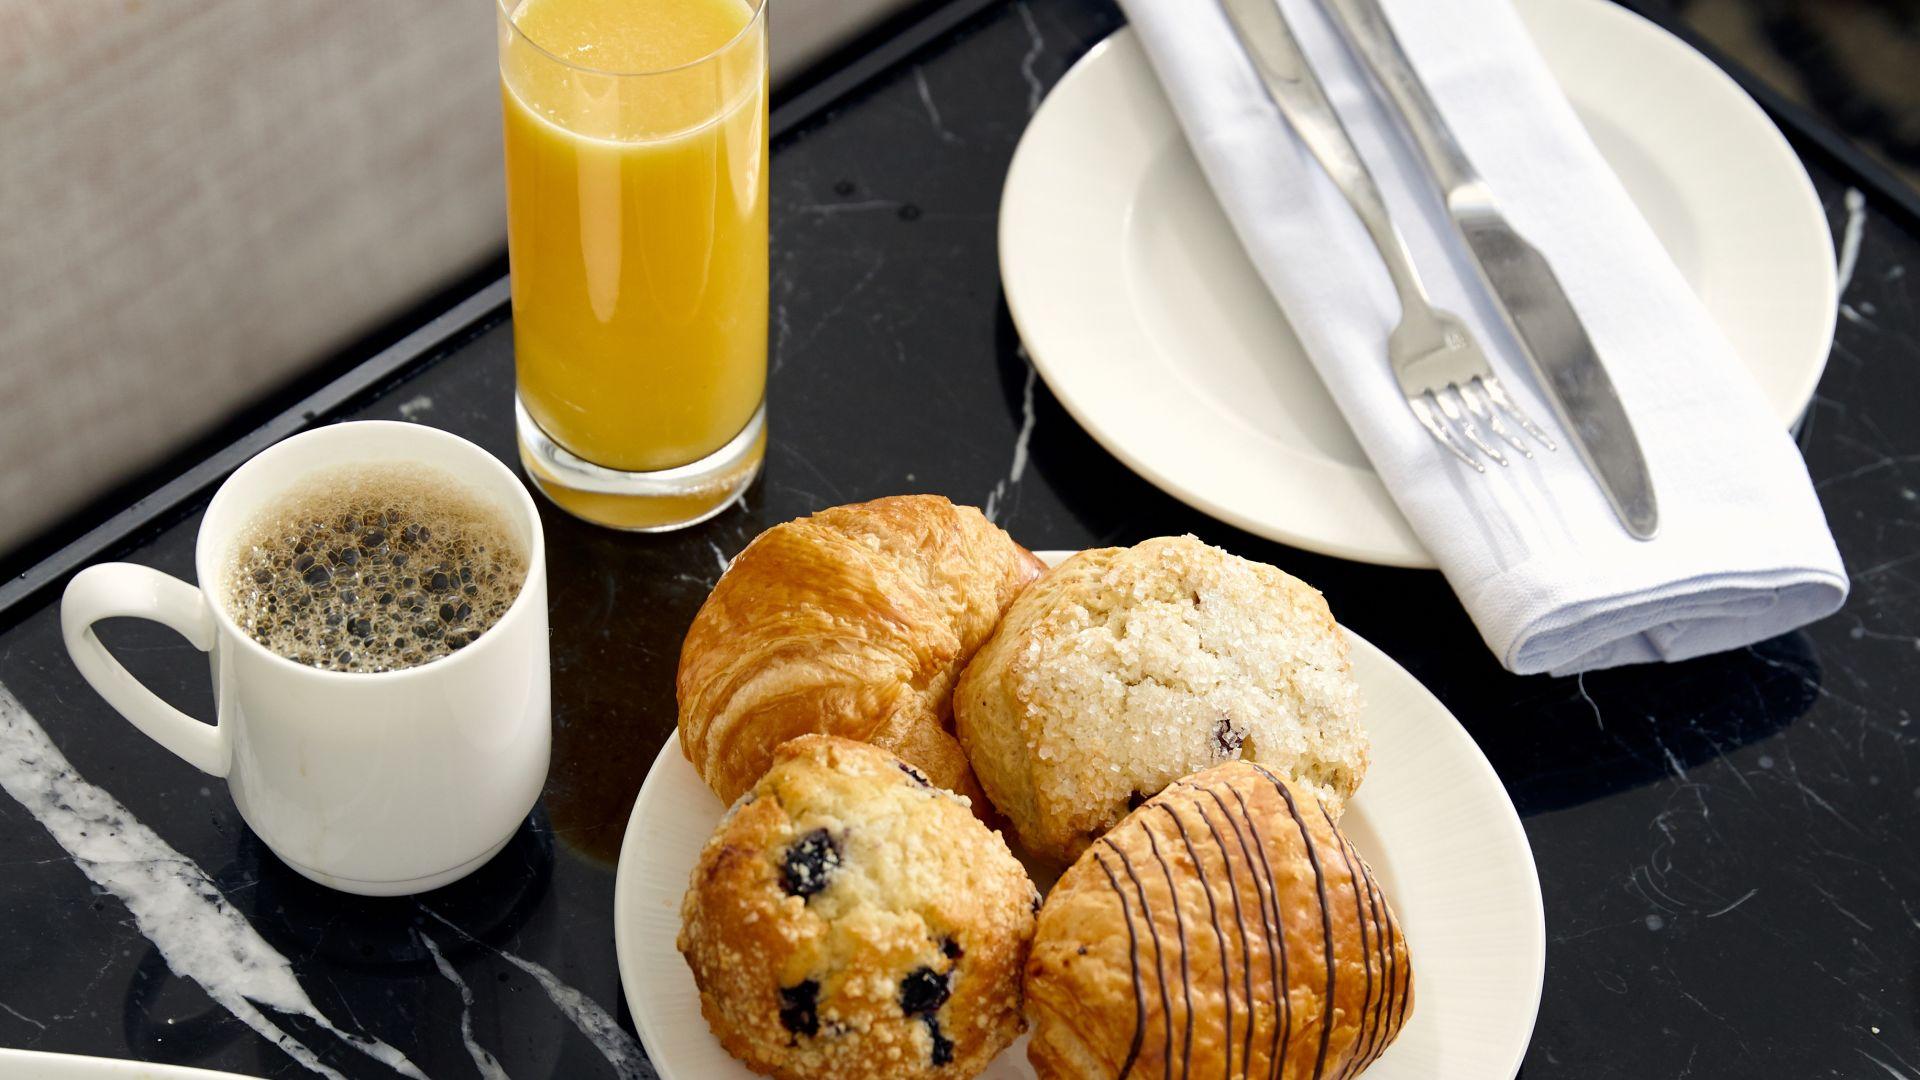 | Bed & Breakfast in Miami | Egal, ob Sie einen Last-Minute-Trip planen oder sich nach einer hektischen Arbeitswoche entspannen wollen – genießen Sie einen optimalen und schmackhaften Start in den Tag. | Jetzt buchen